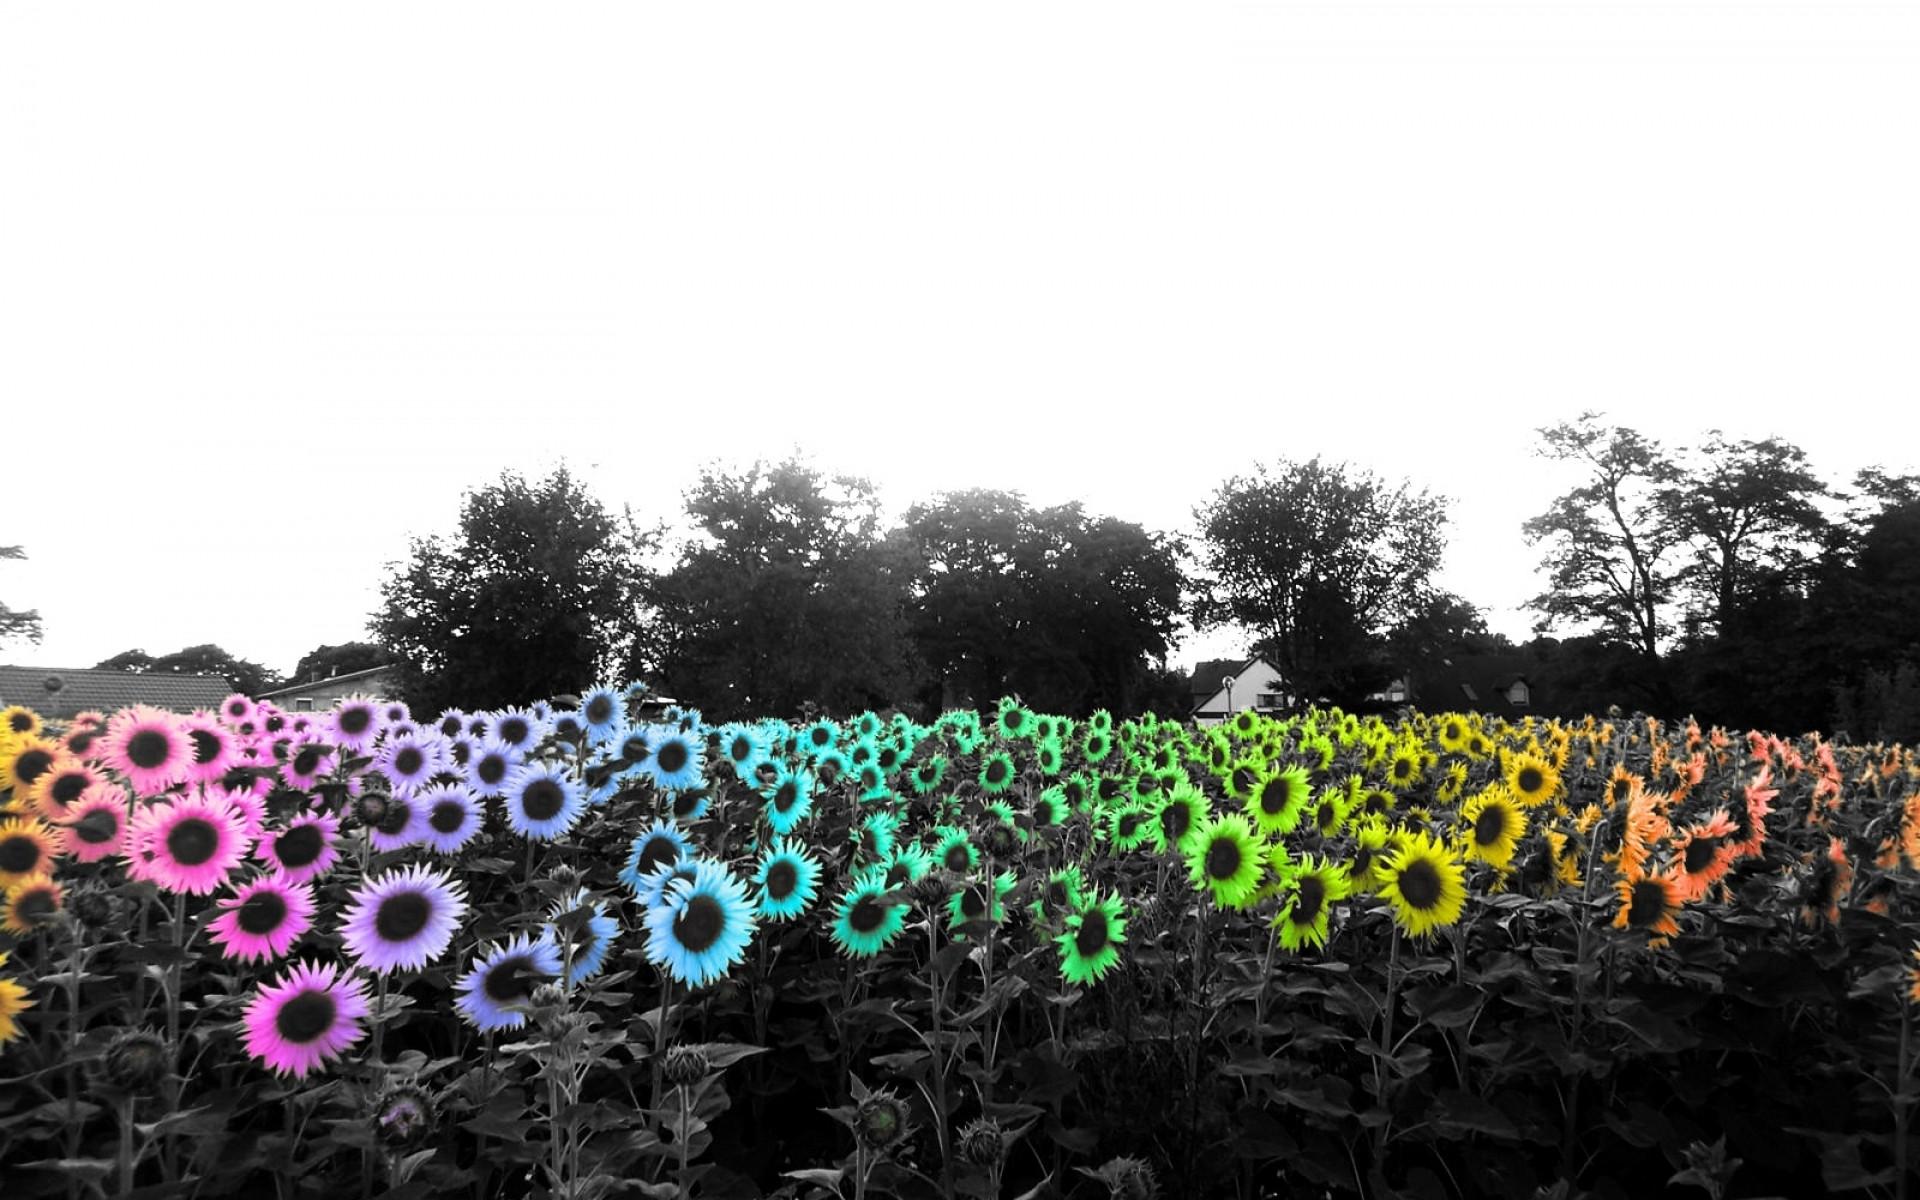 Hintergrundbilder : Blumen, Gras, Pflanzen, Selektive Färbung ...